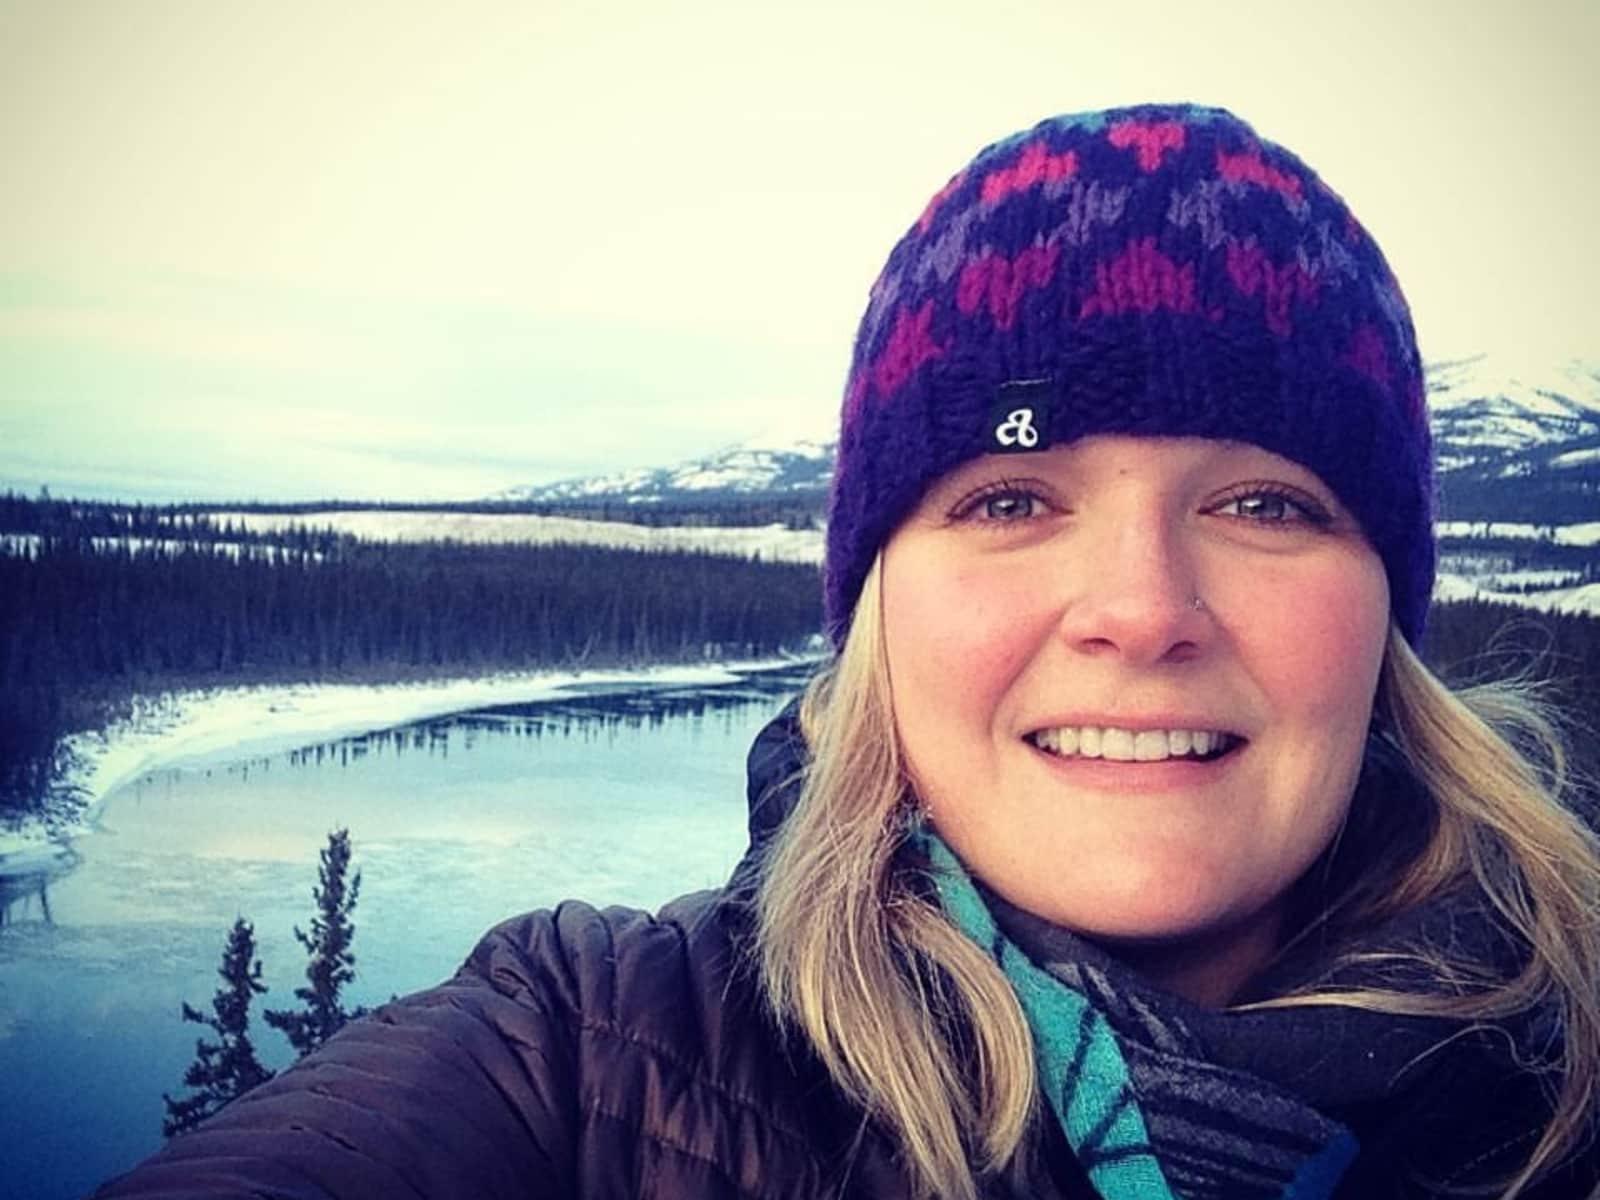 Allison from Edmonton, Alberta, Canada